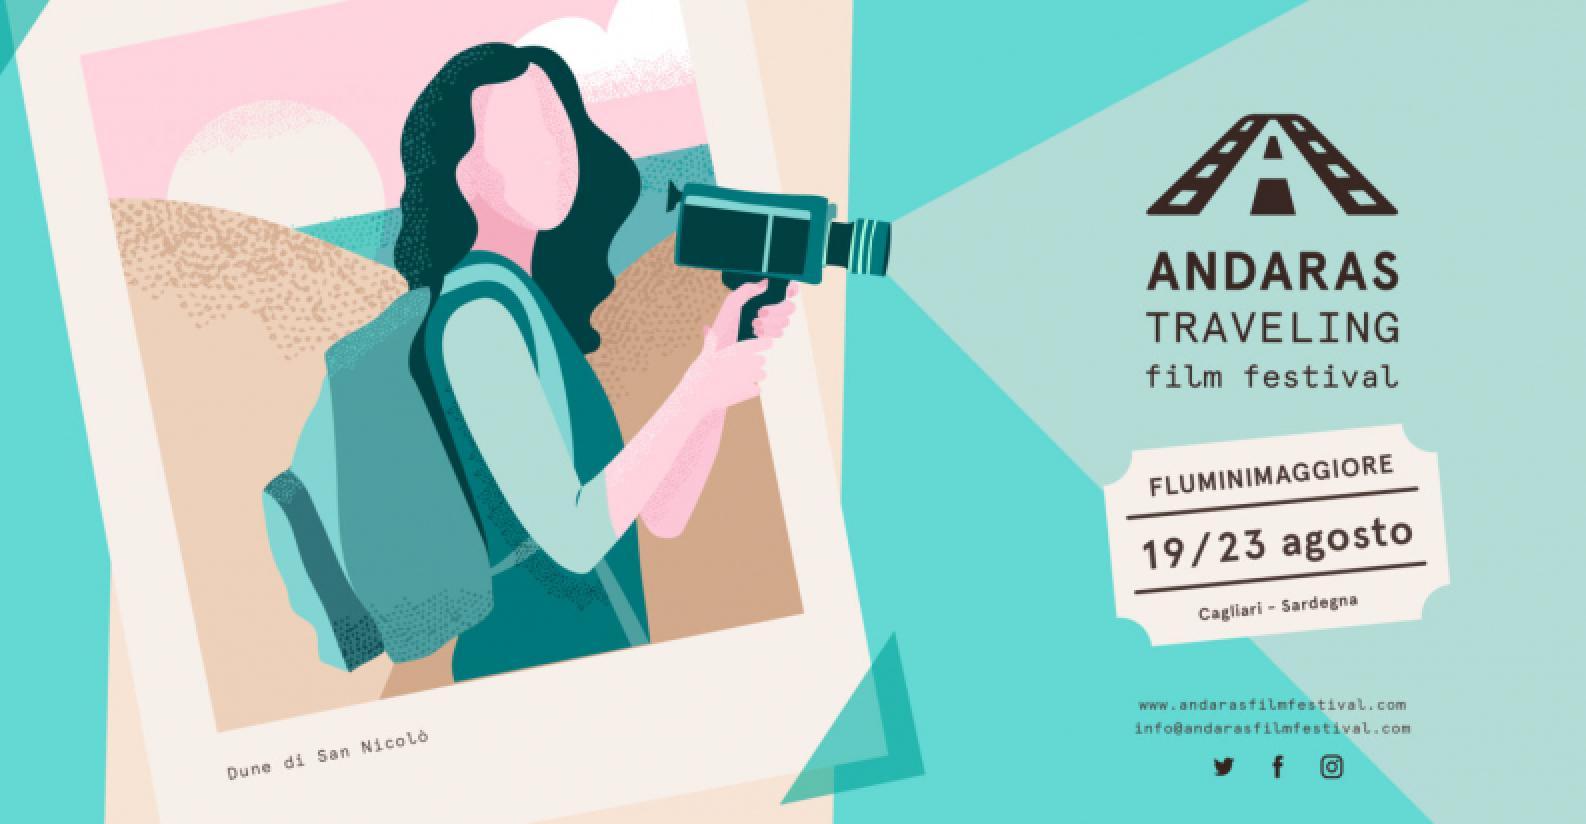 andaras_2020 film festival